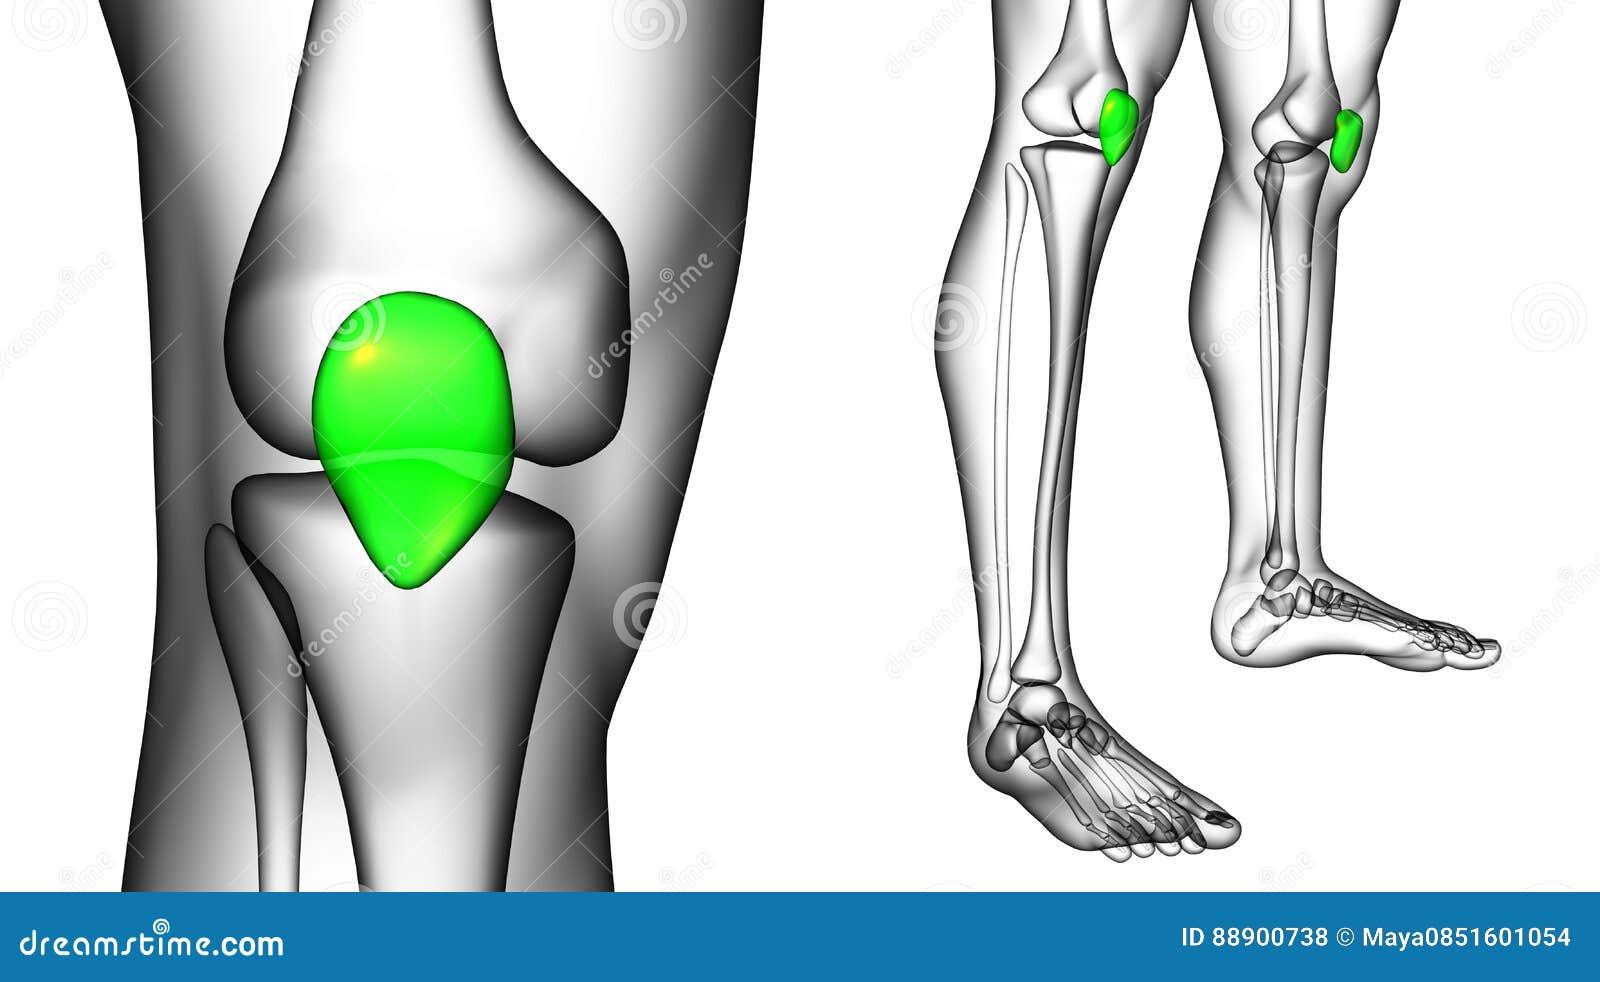 Excelente Imagen De La Rótula Modelo - Imágenes de Anatomía Humana ...